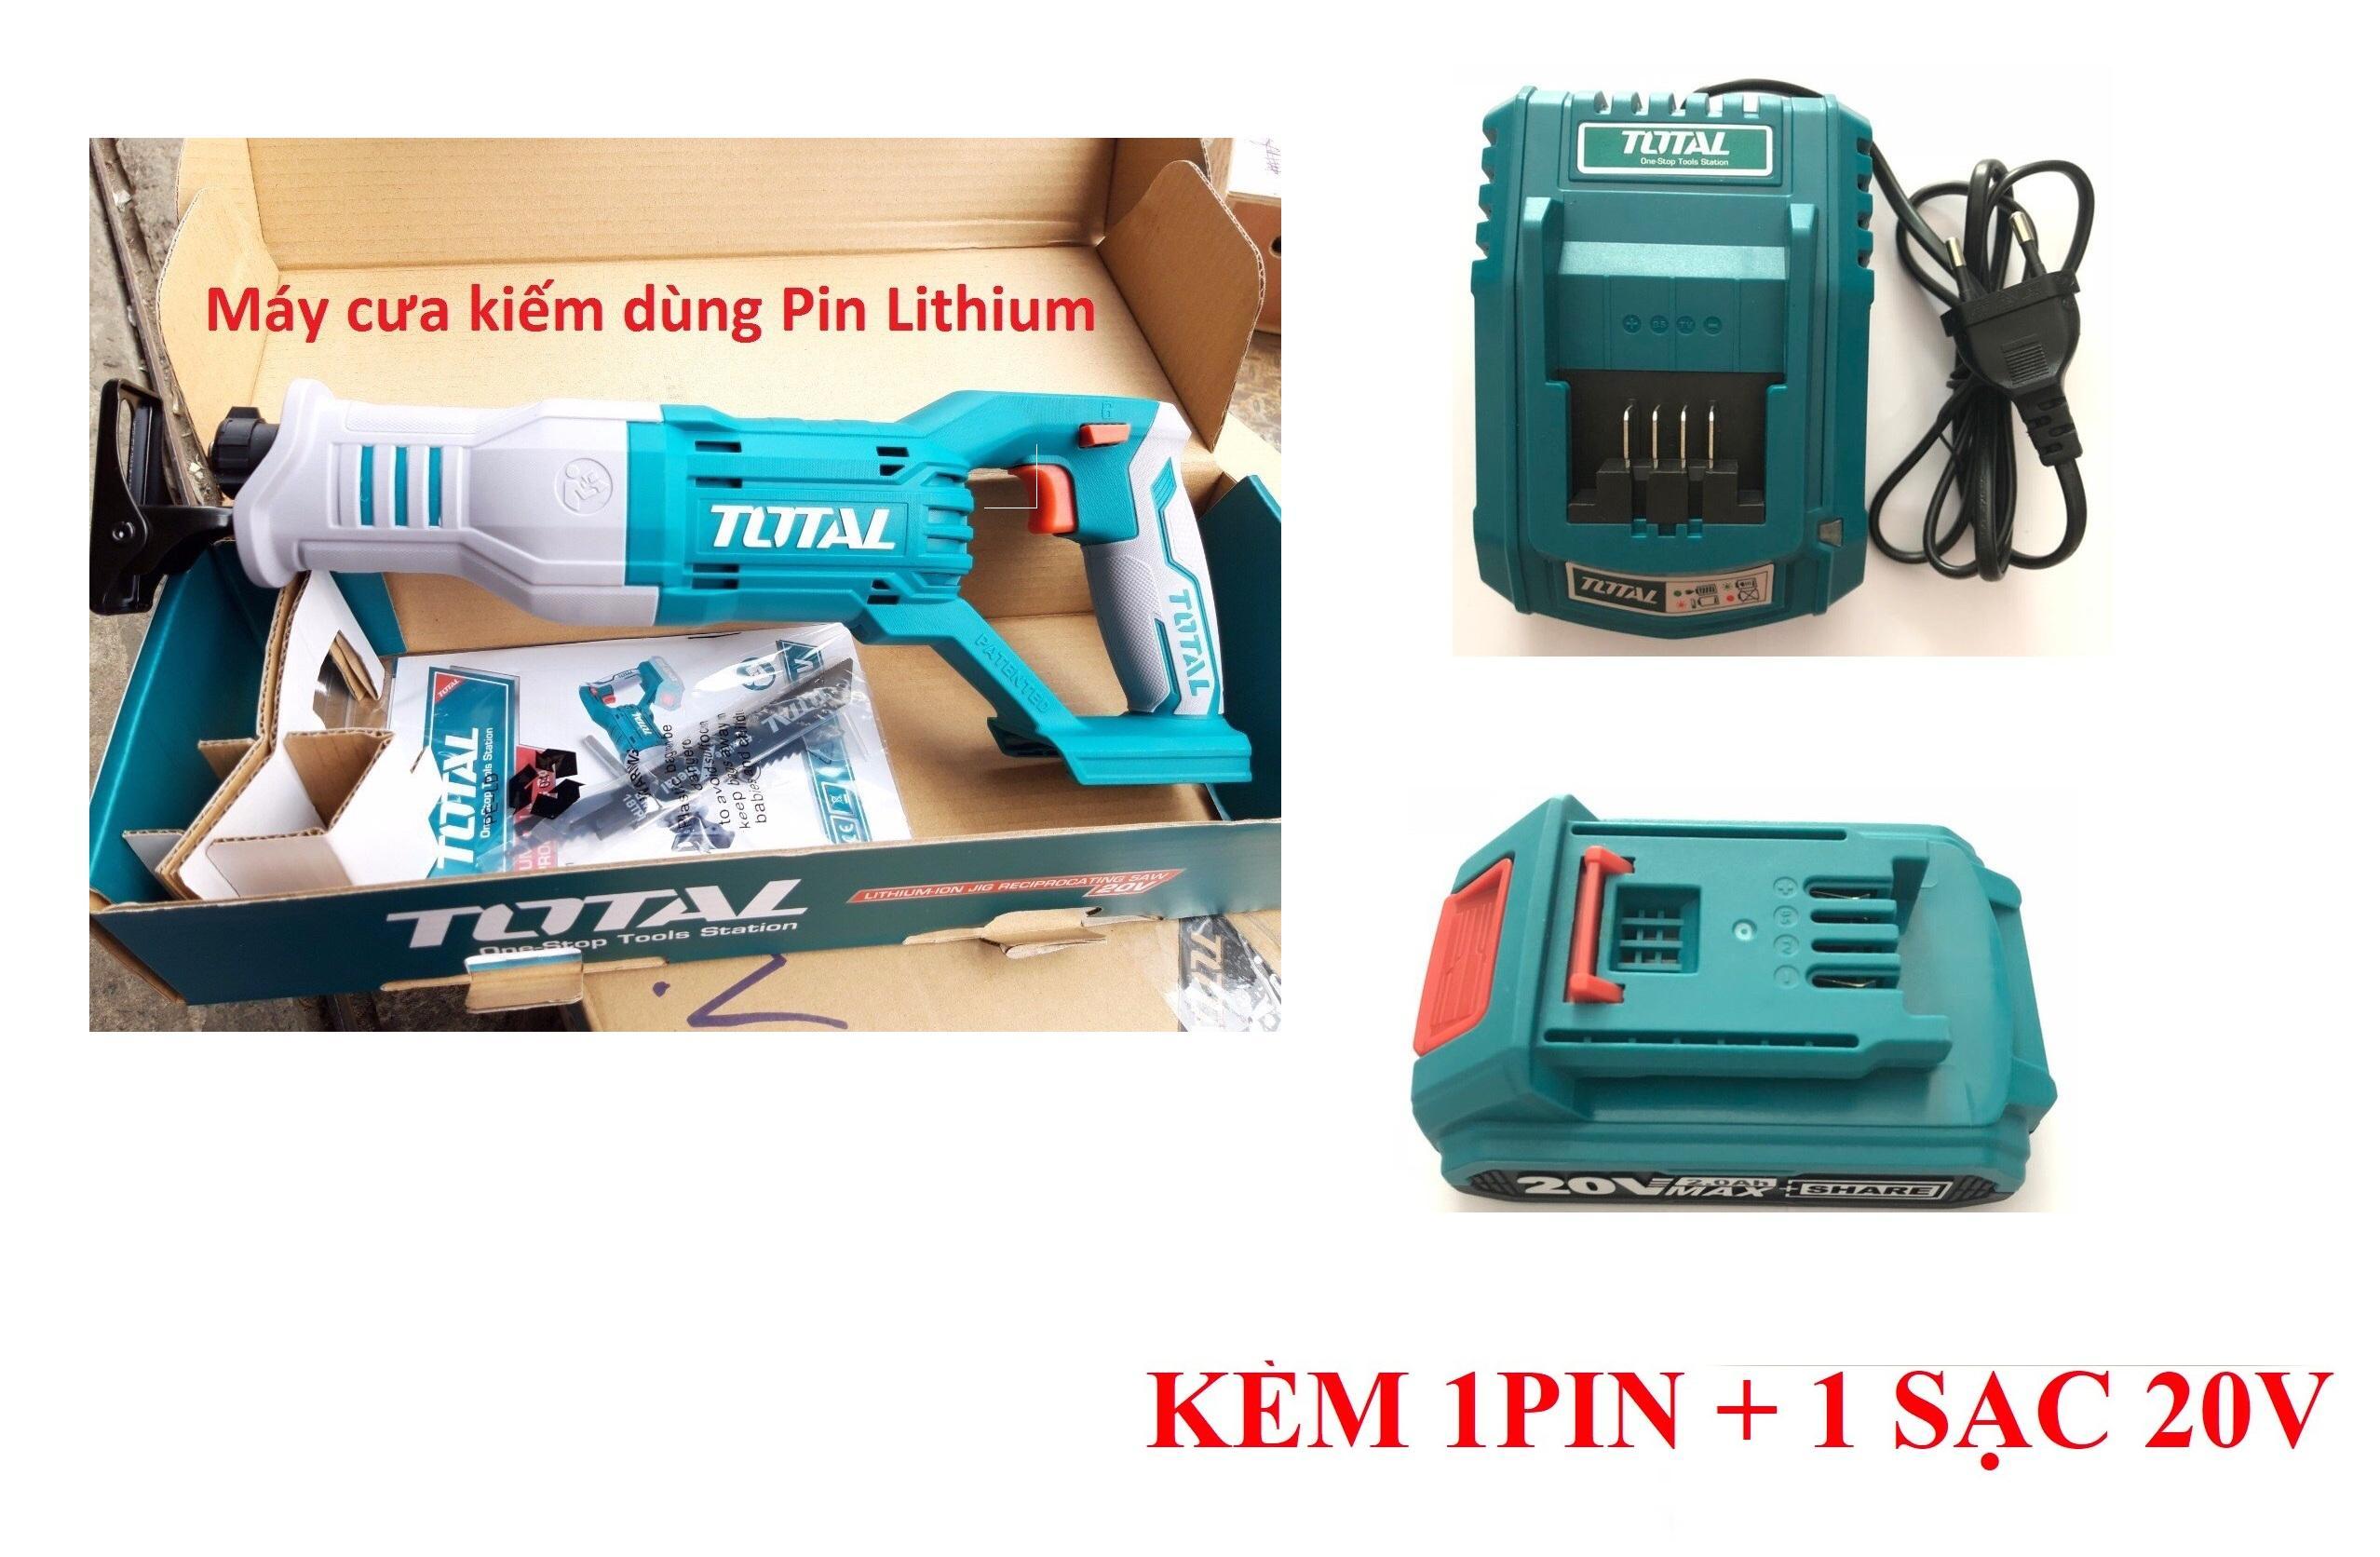 20V Máy cưa kiếm dùng pin Total TRSLI1151 (KÈM 1PIN + 1 SẠC 20V)